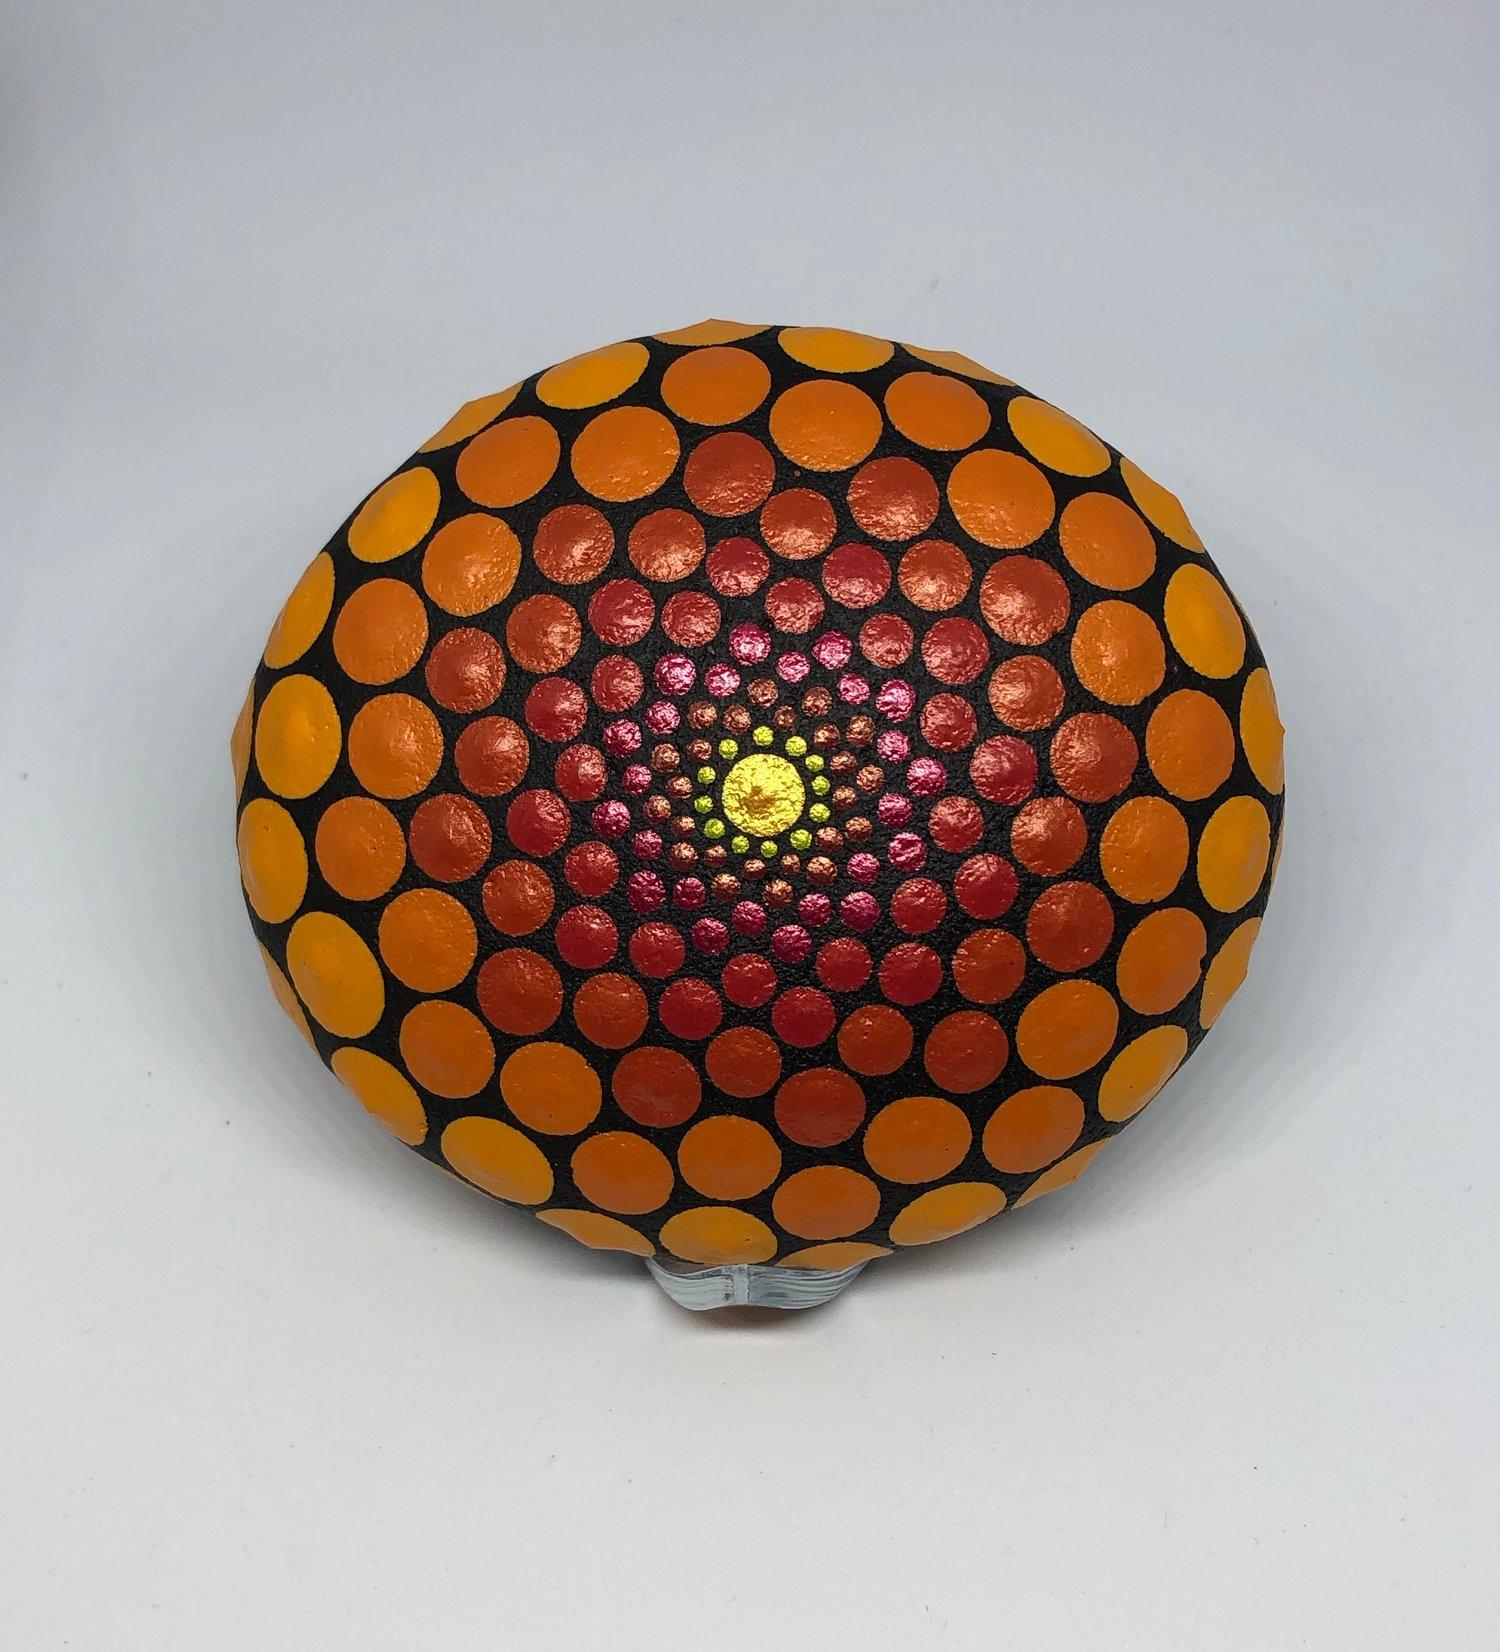 Image of Sunflower 3